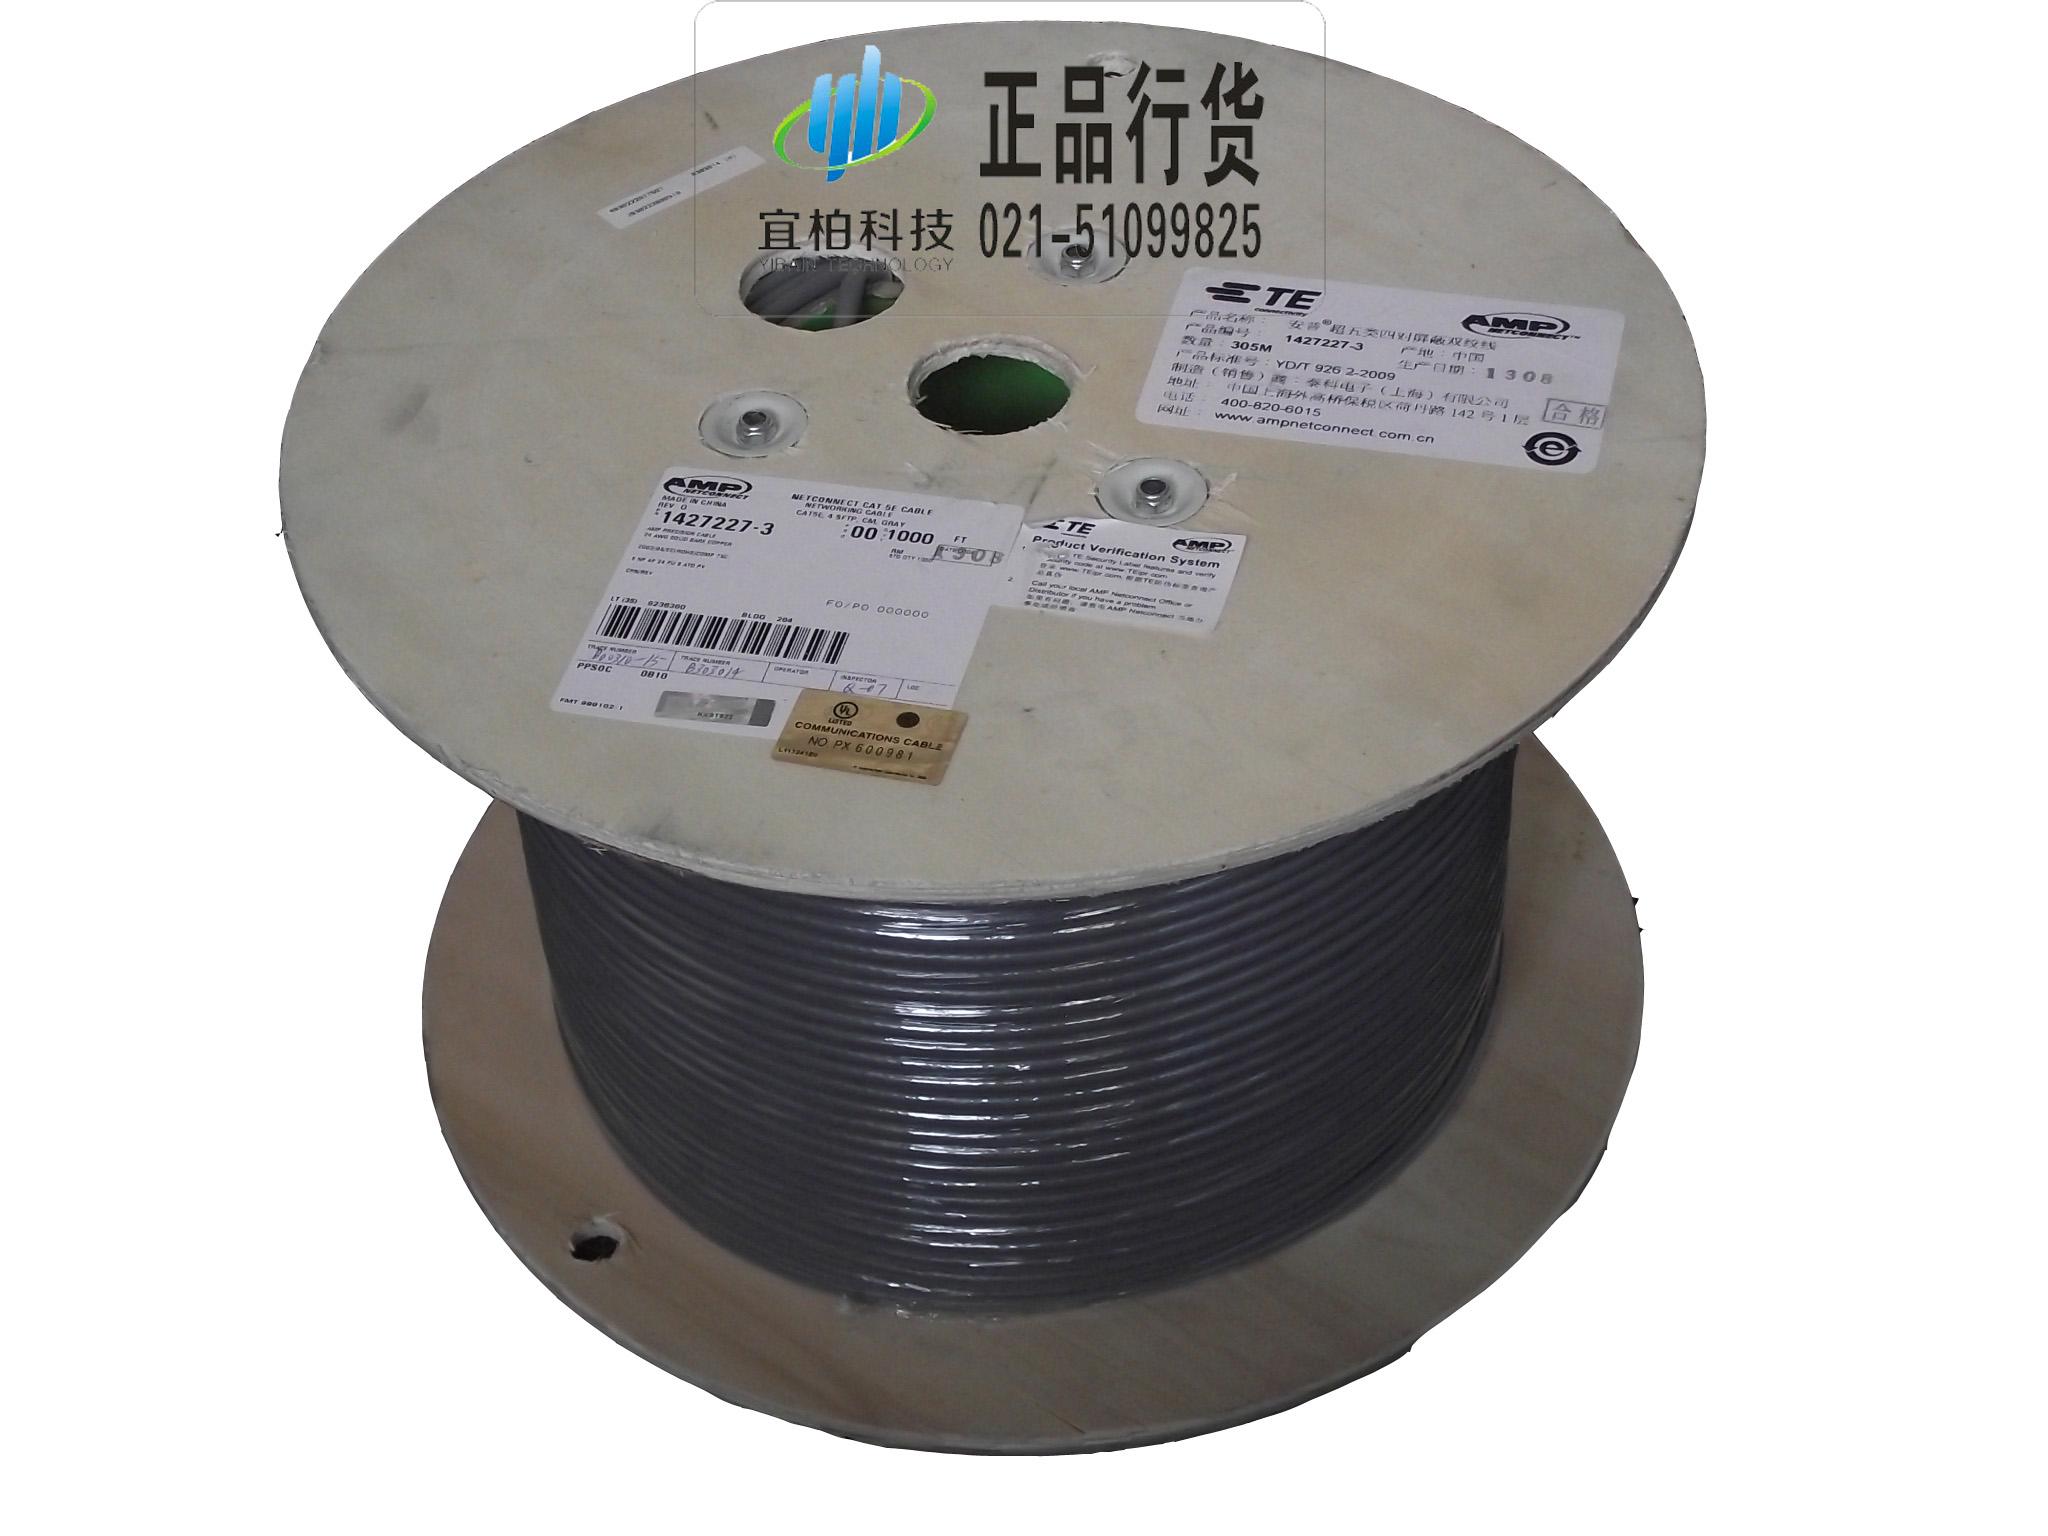 增票+现货AMP安普1427227-3超五类网线双绞线带屏蔽305米纯铜